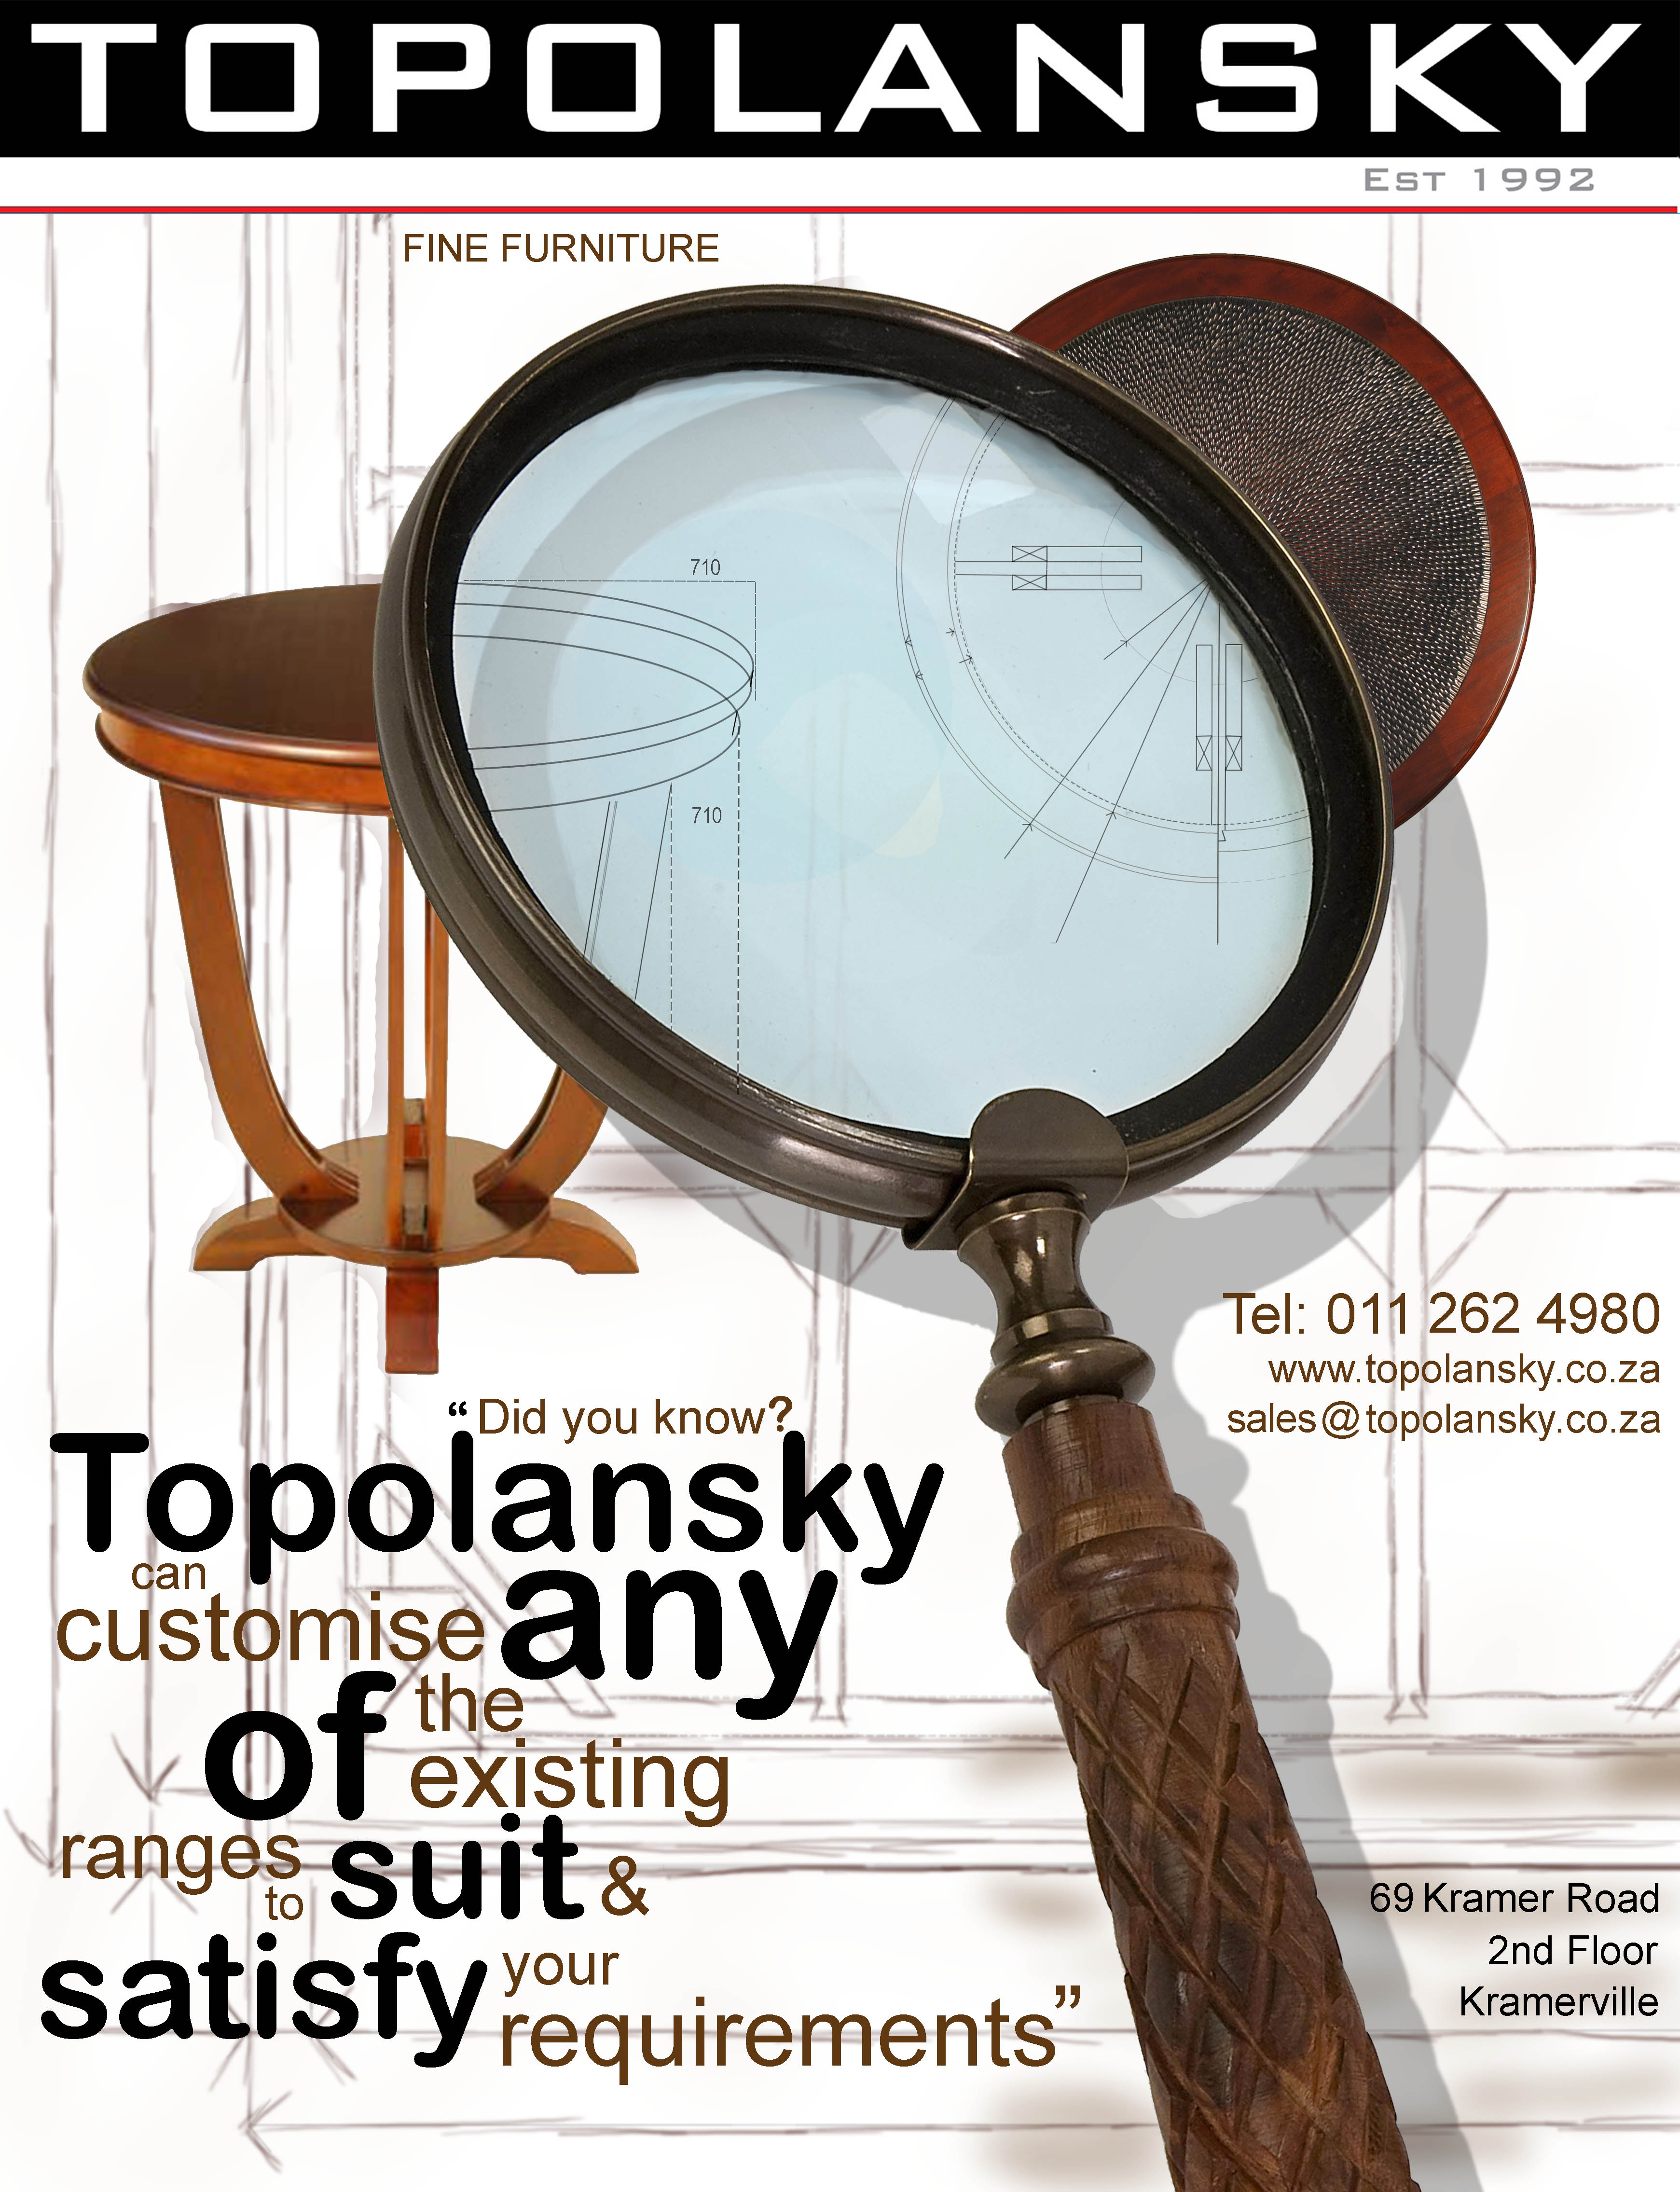 Topolansky Media